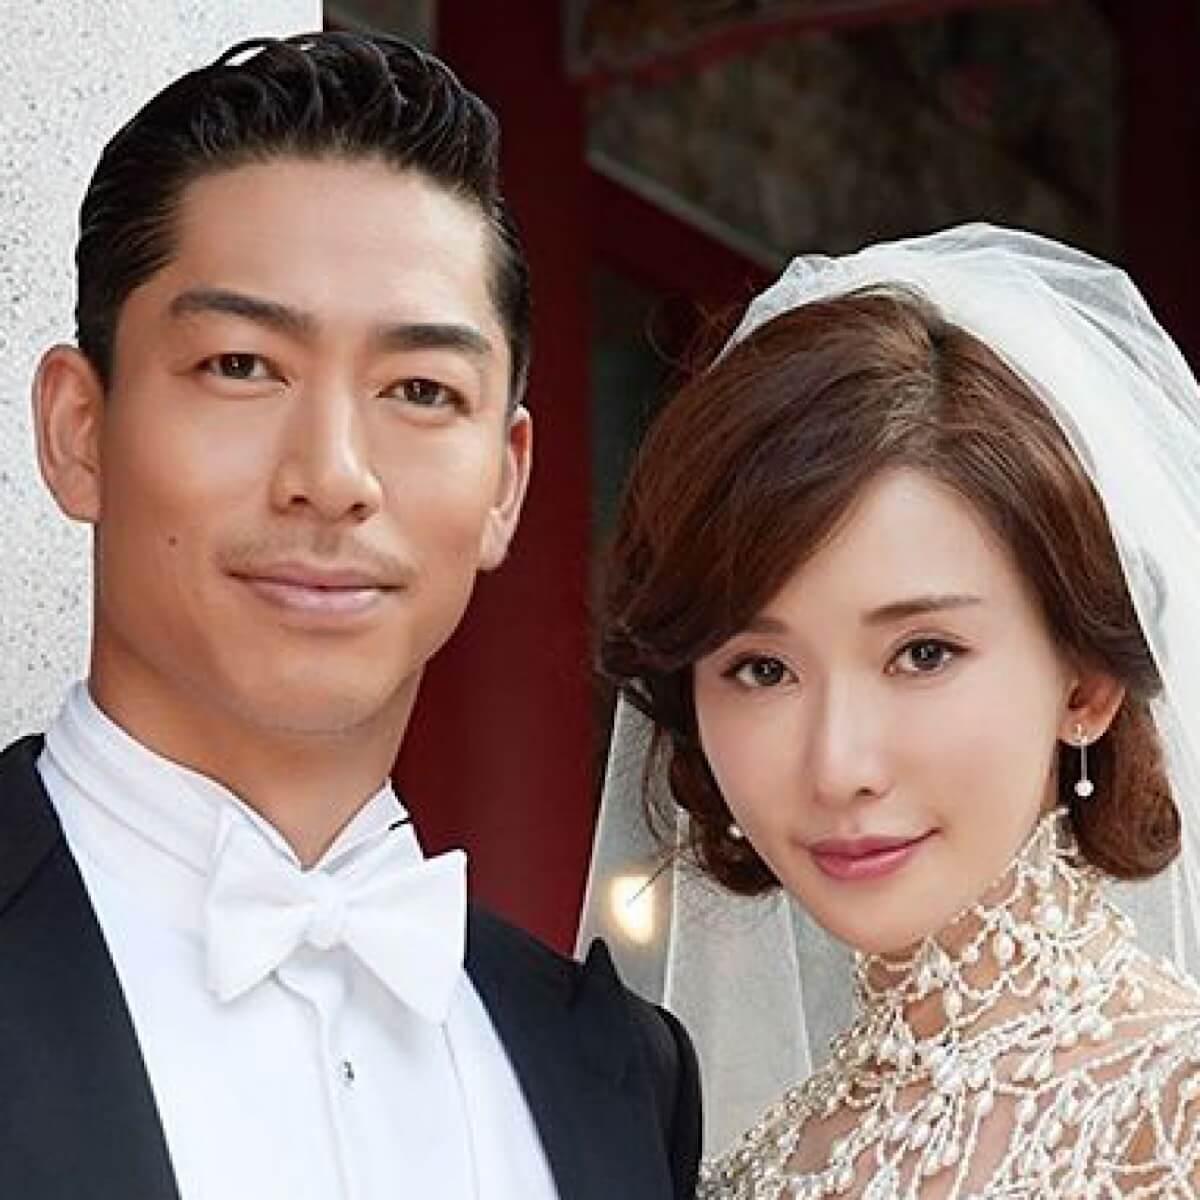 結婚 リンチーリン EXILEアキラさん×台湾リンチーリンの結婚式をポイント解説(感想付)